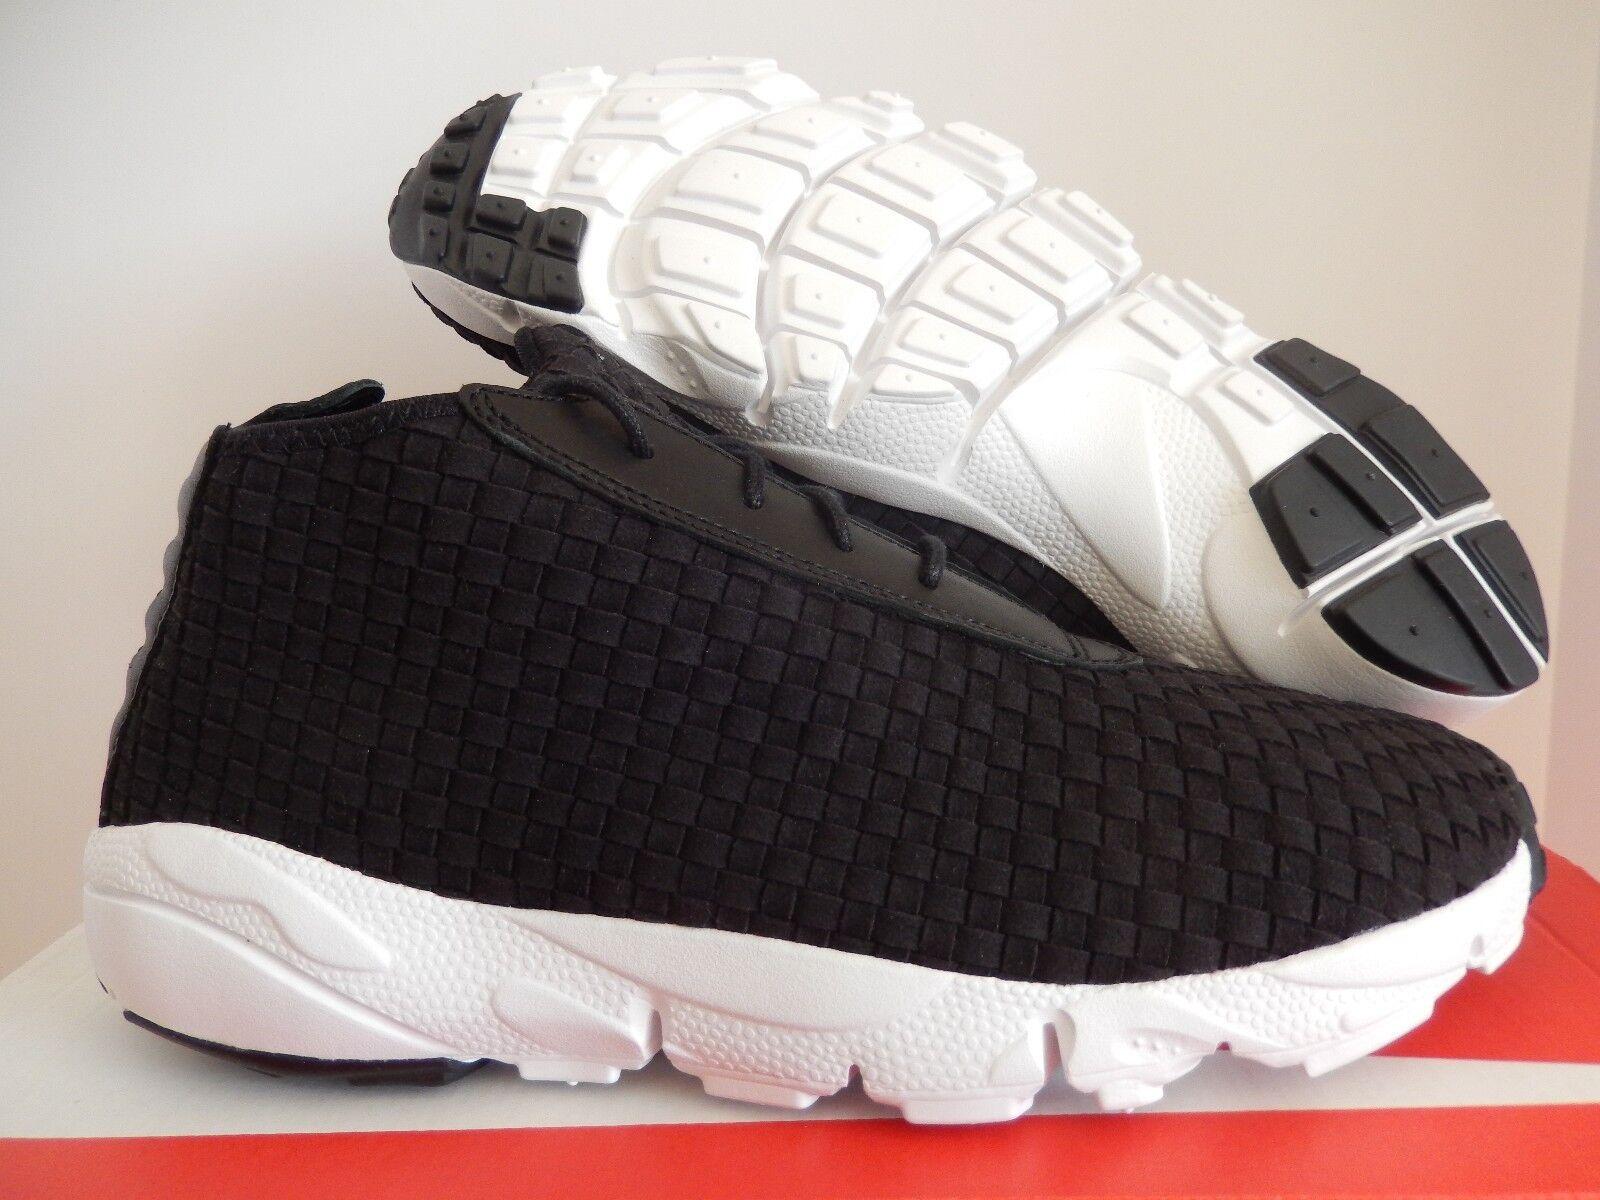 Nike air footscape deserto - sz chukka qs nero-nero sz - 11 [637162-001] 1c7f0e